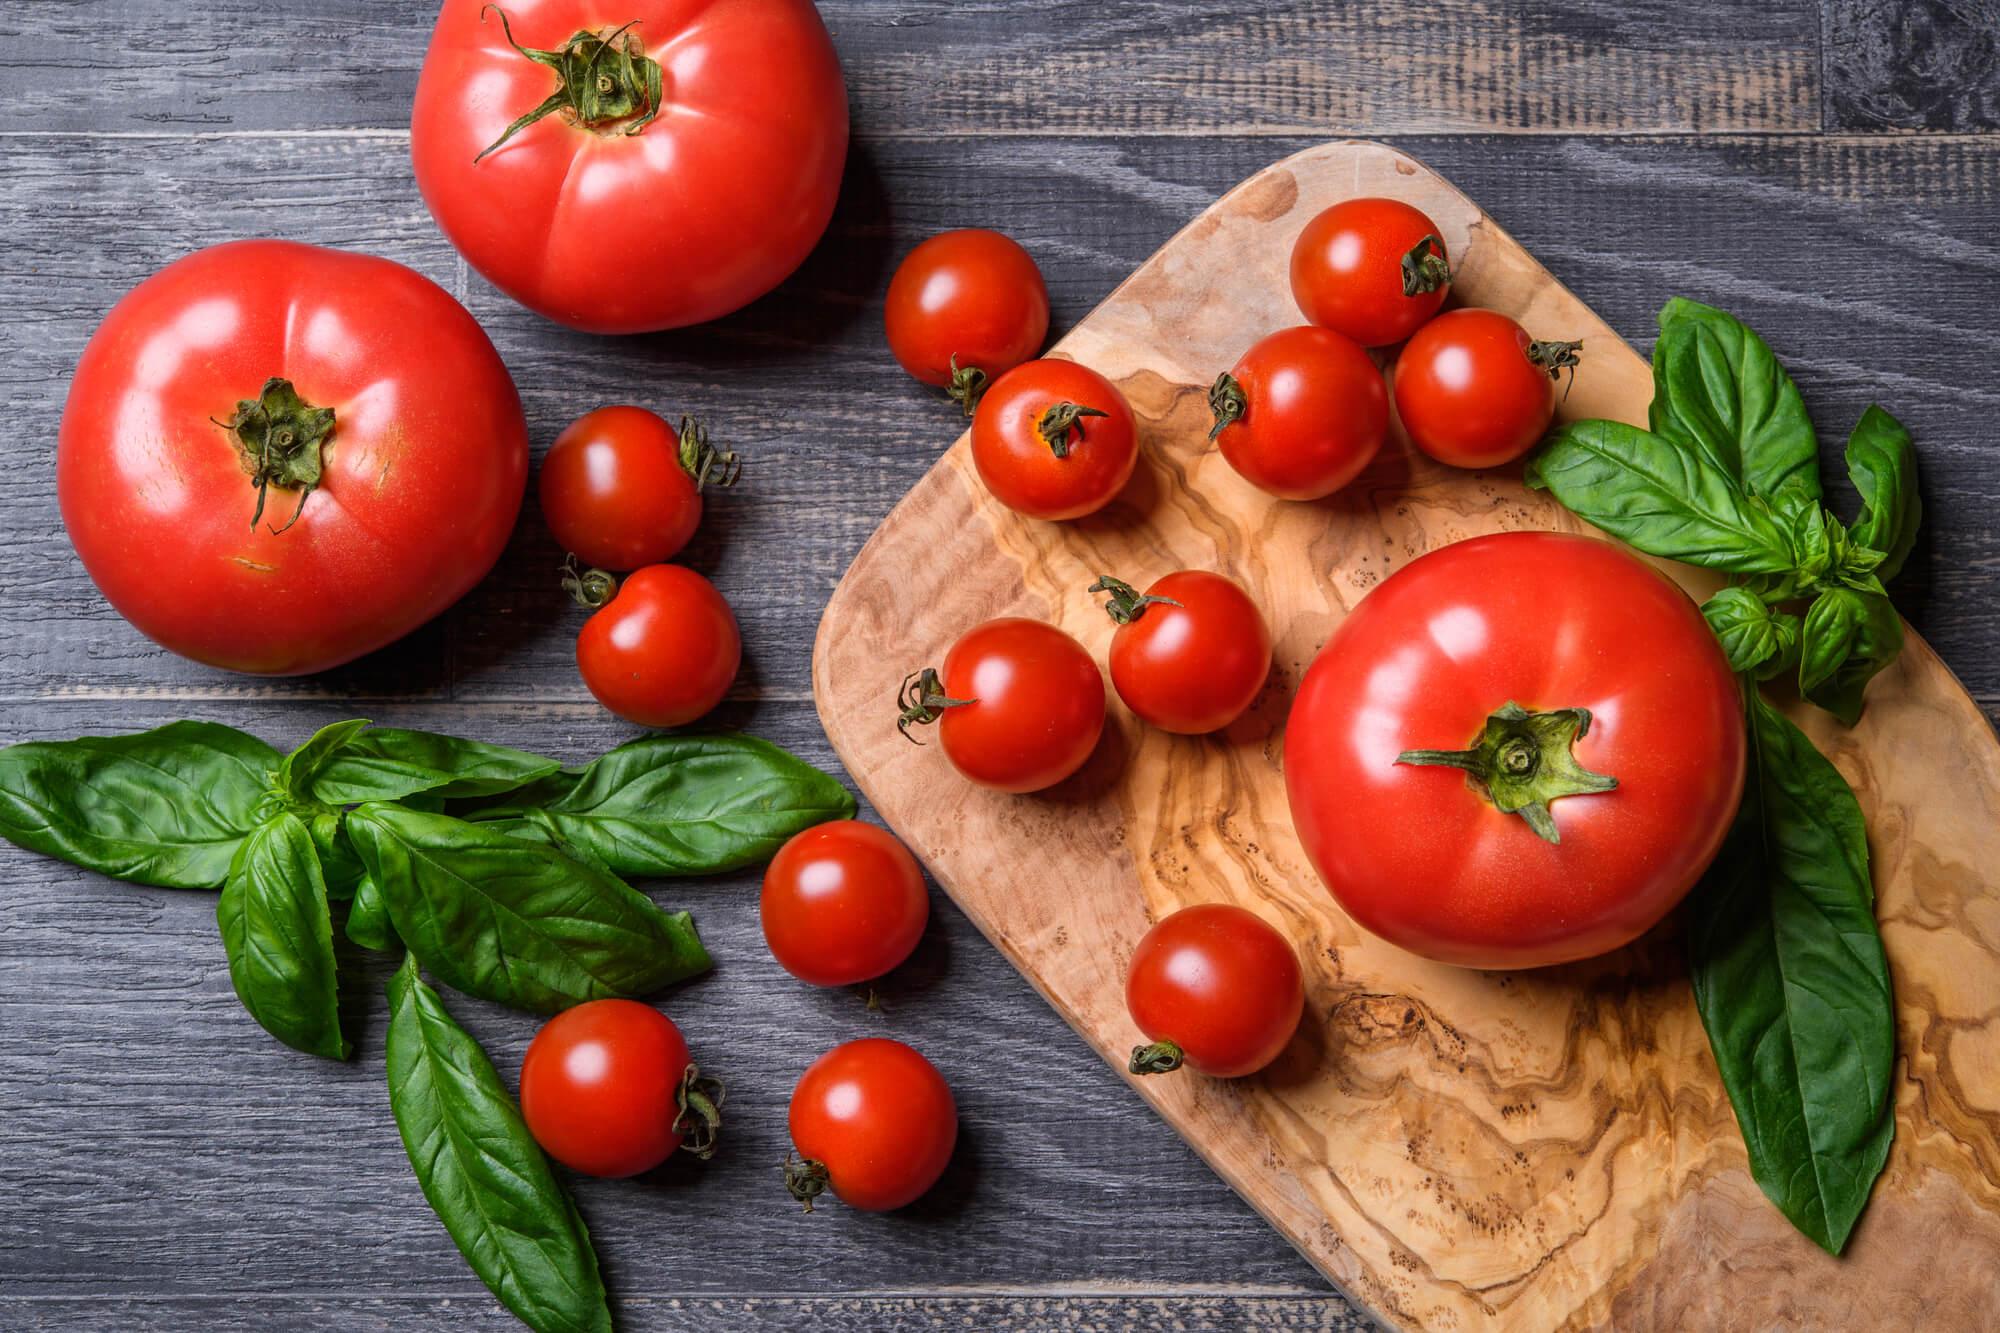 イタリアンなトマト冷や汁